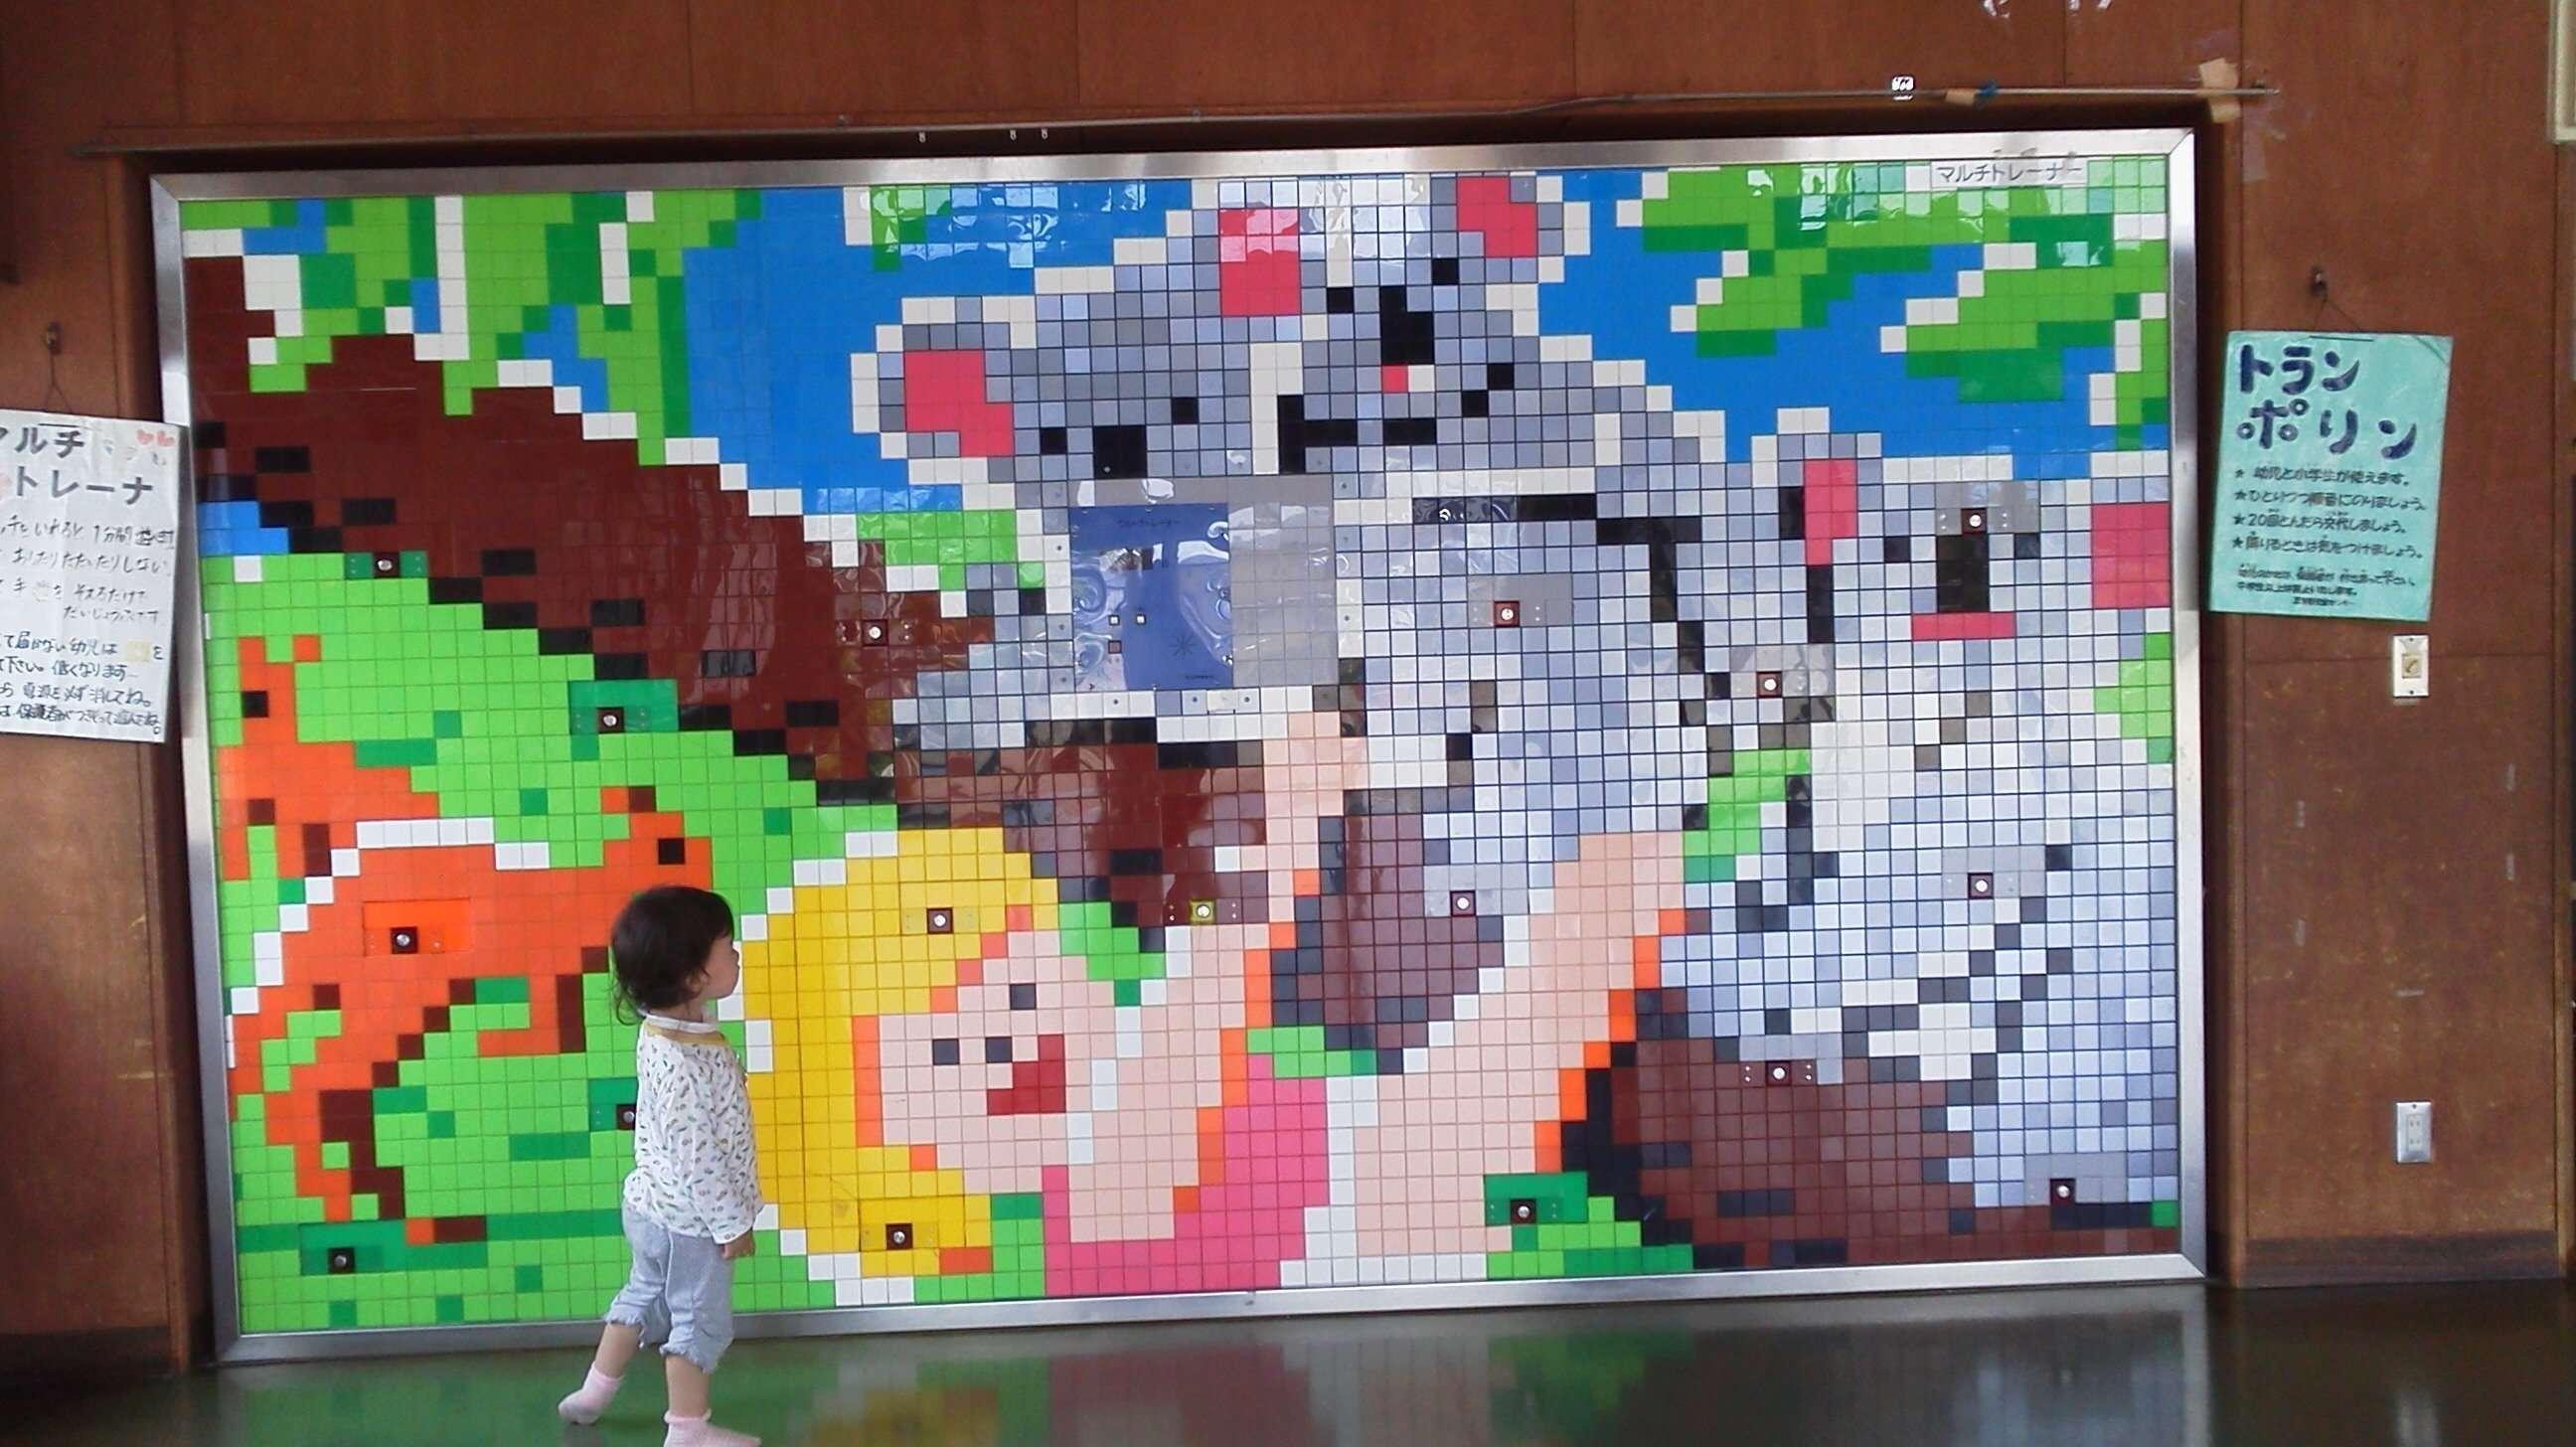 Miyoshino Children's Center in Sakado